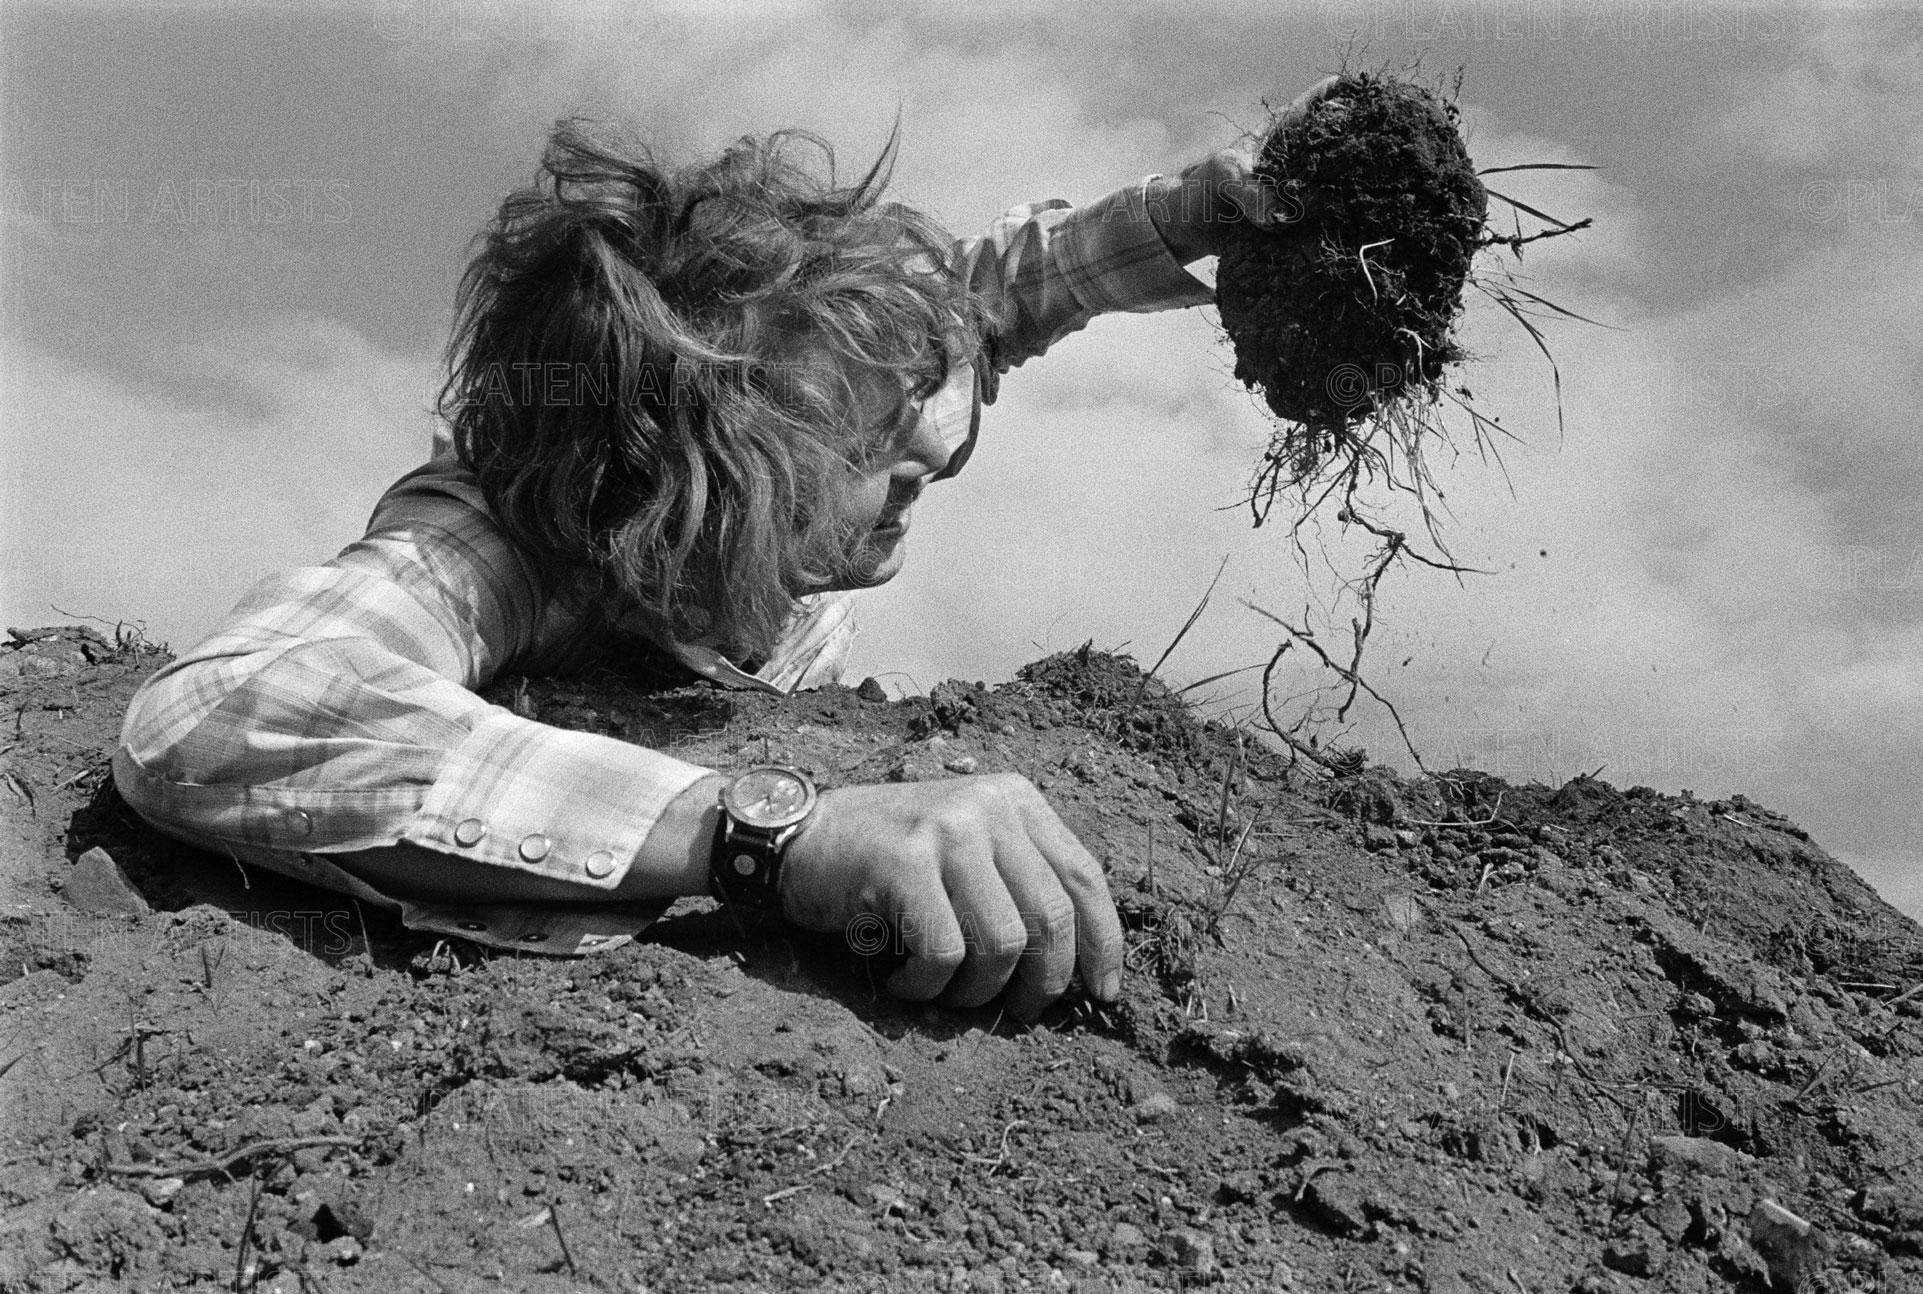 Dennis Oppenheim, Ein Batzen für Angelika, Düsseldorf, 1969